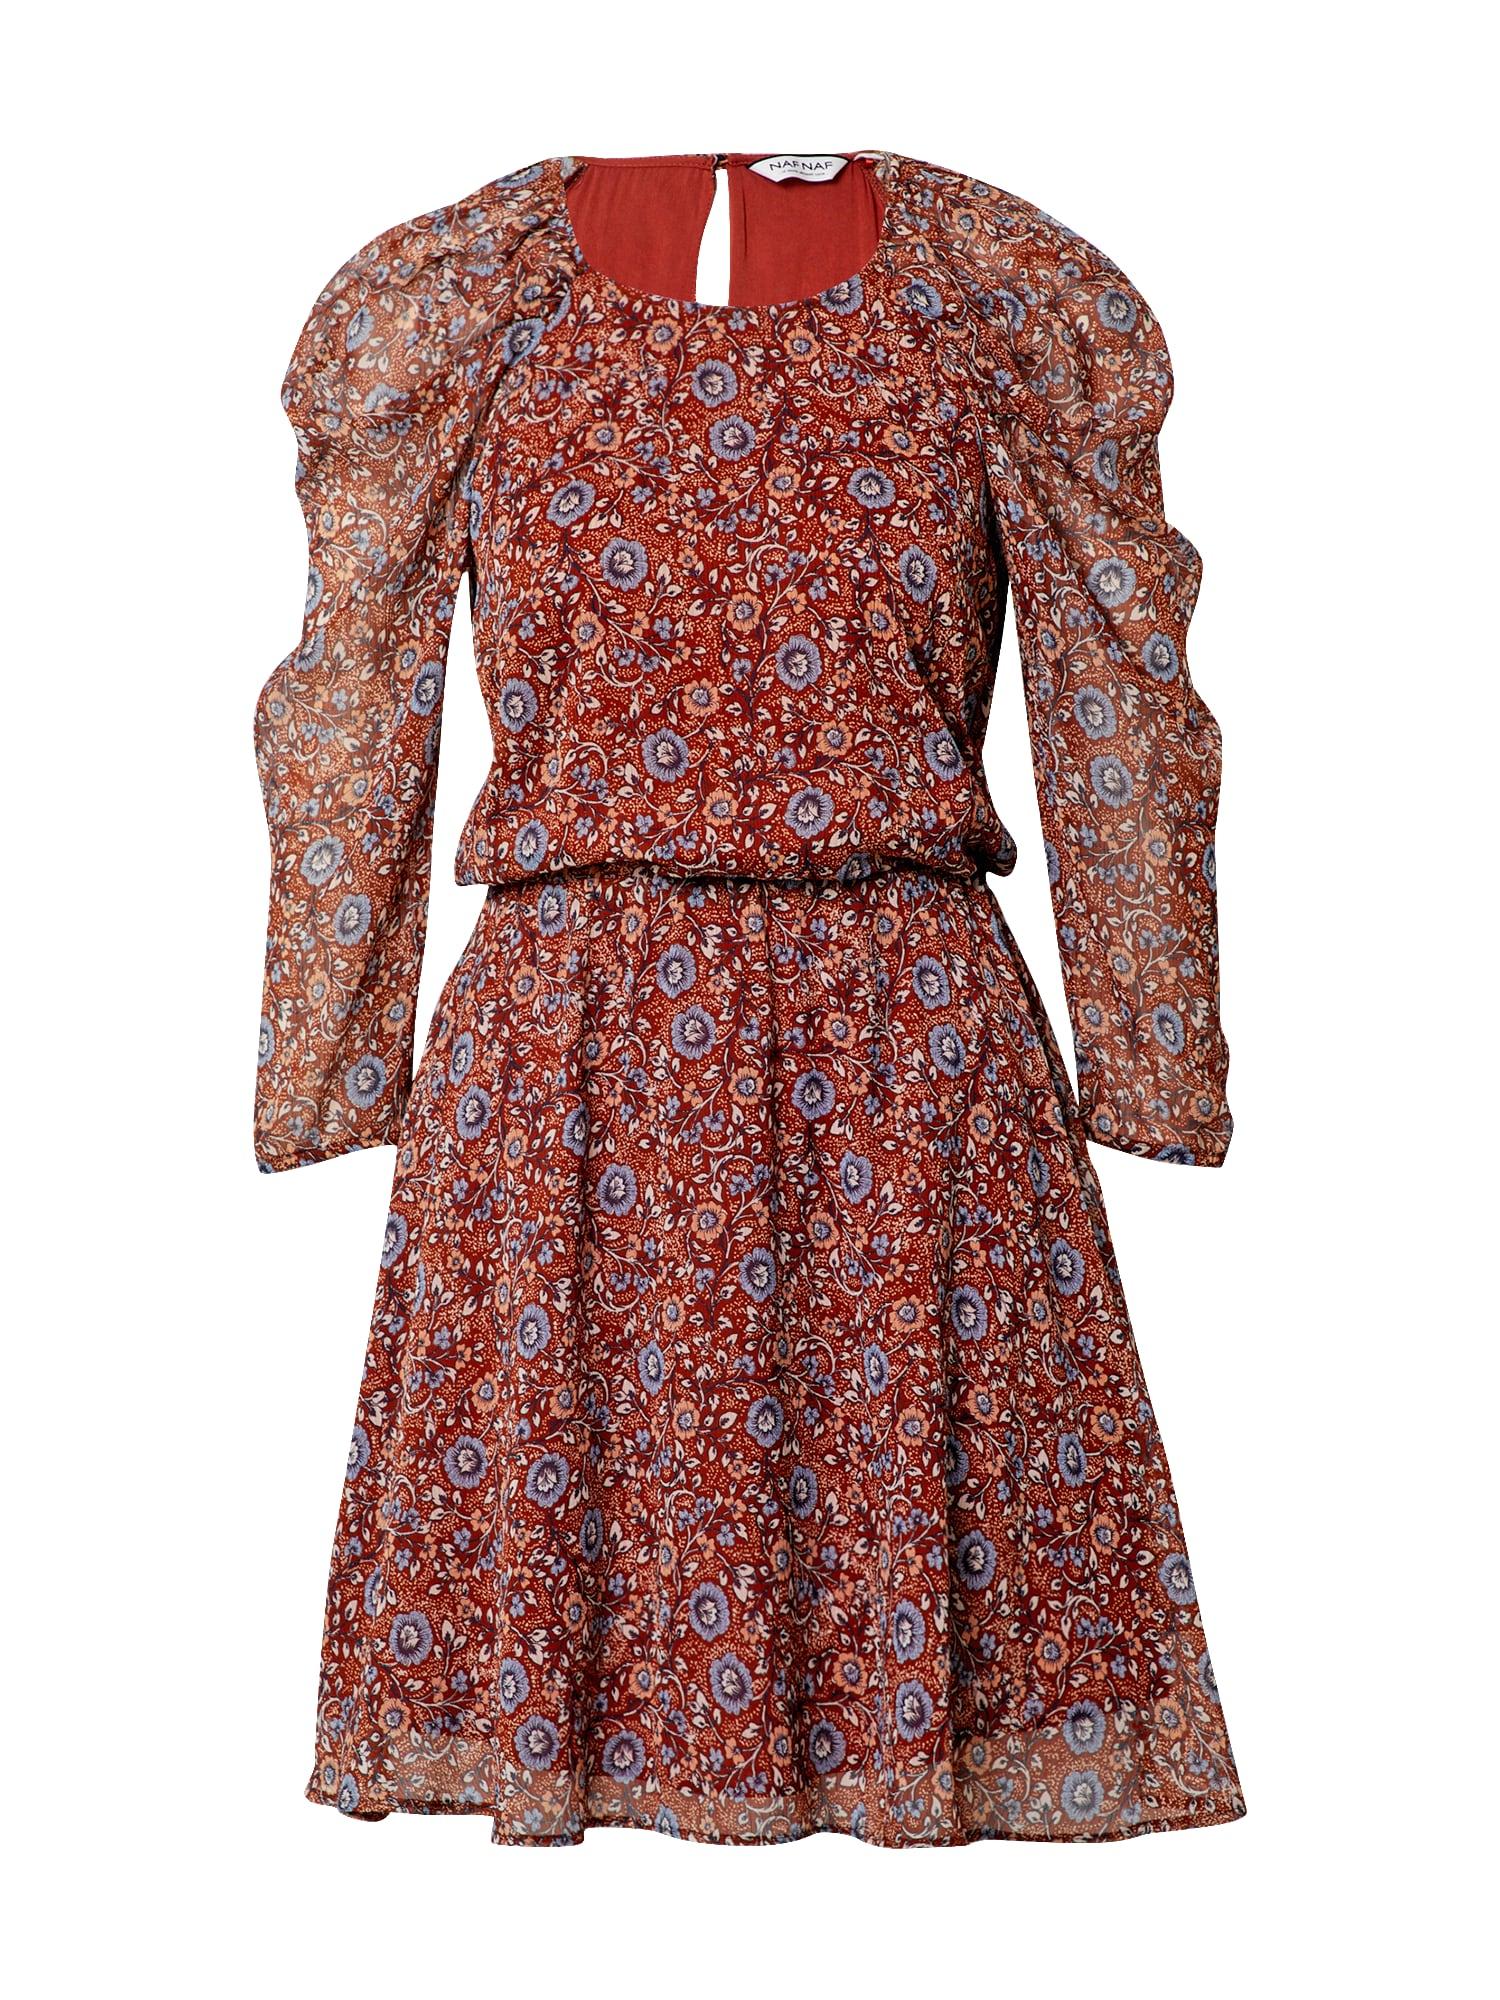 NAF NAF Suknelė tamsiai oranžinė / mišrios spalvos / melsvai pilka / smėlio